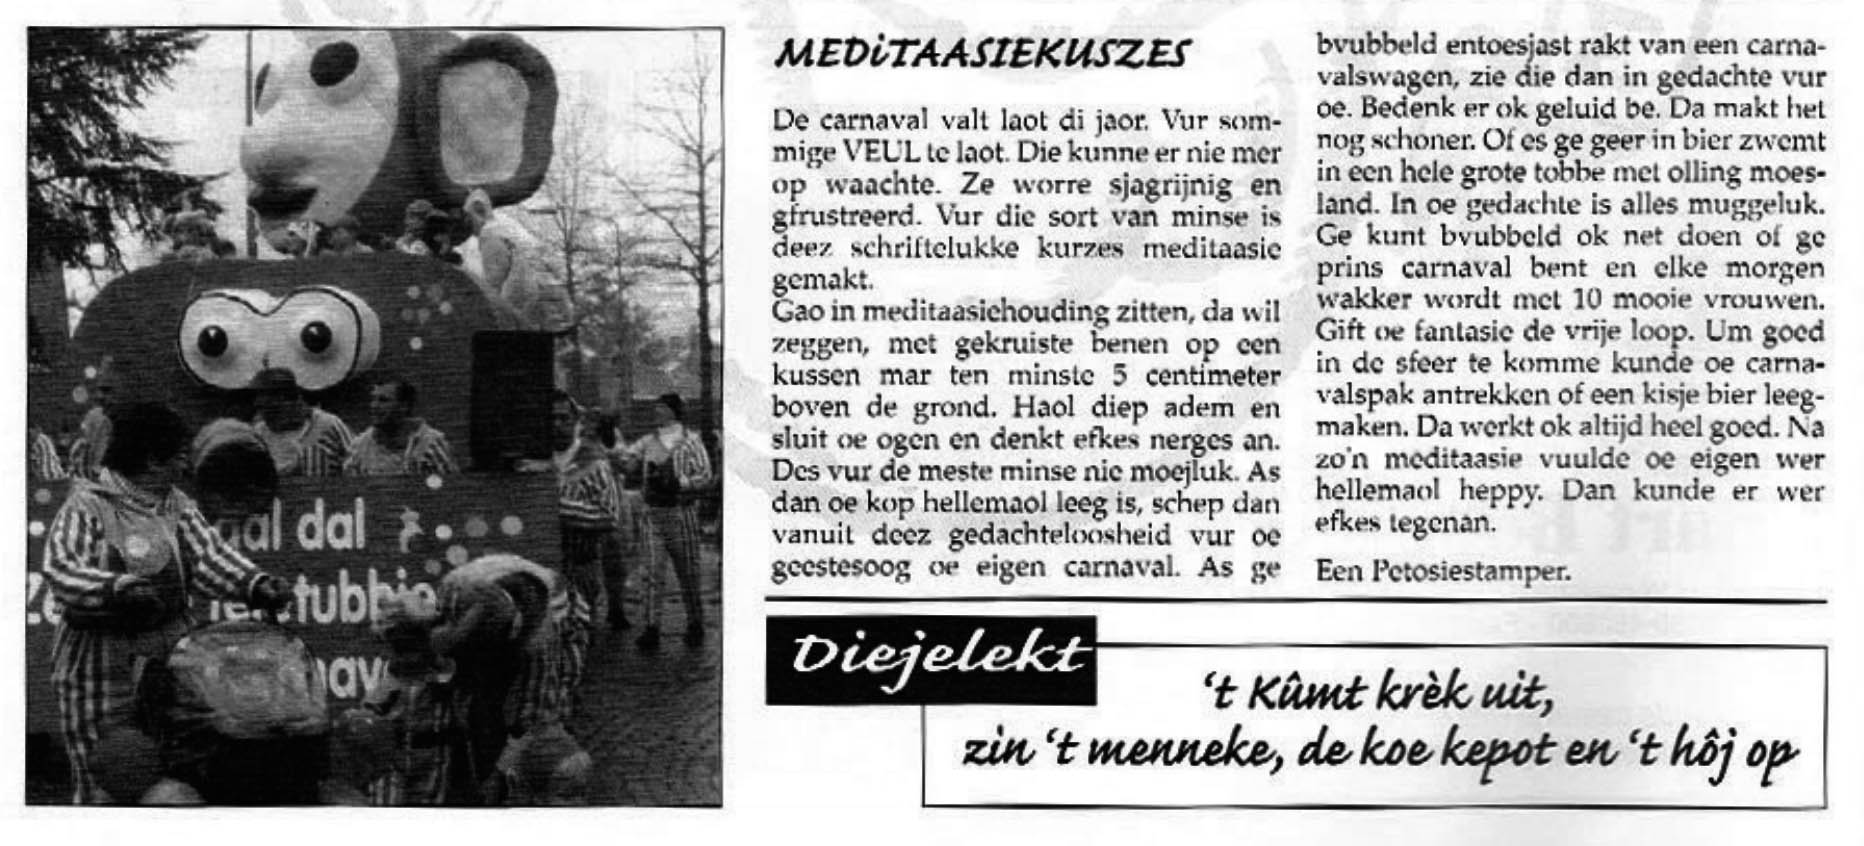 Stukje uit de carnavalskrant van de Petôsiestampers - 2000